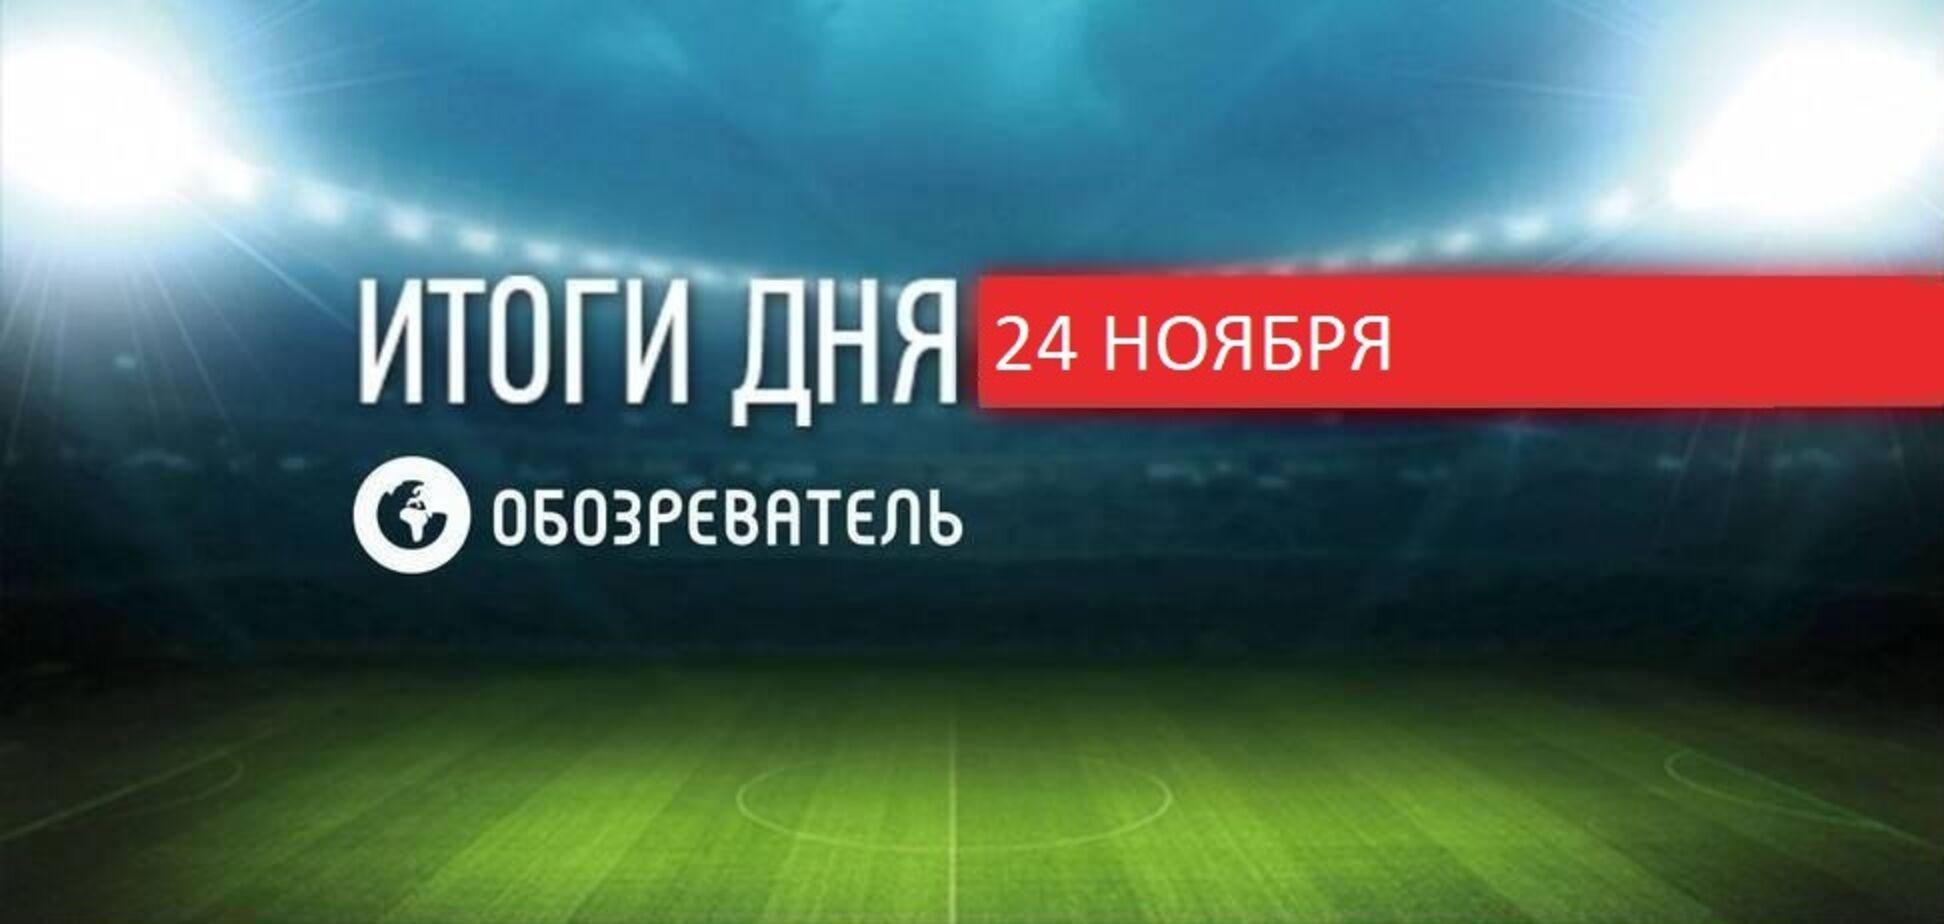 'Динамо' програло 0:4 'Барселоні': спортивні підсумки 24 листопада